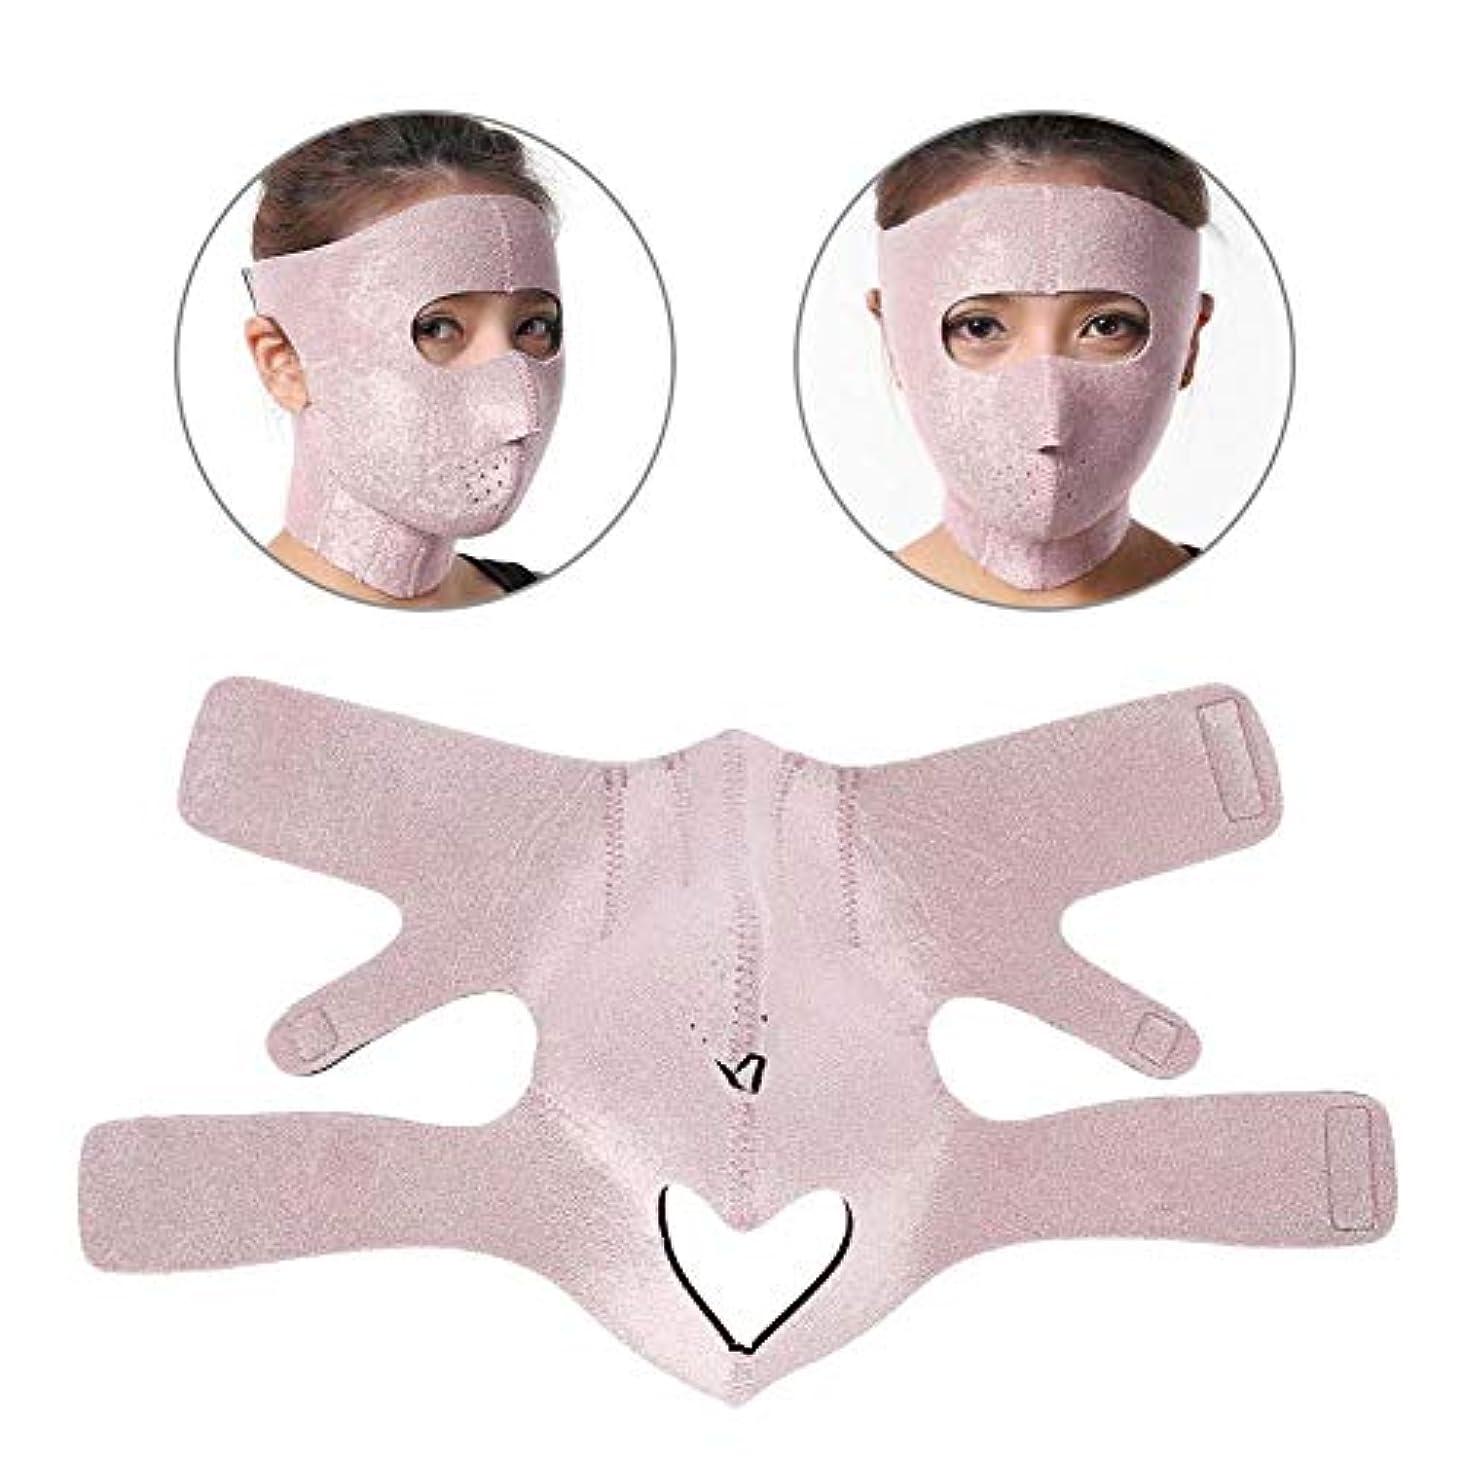 サスティーンレベルほぼ顔の輪郭を改善する 美容包帯 フェイスリフト用フェイスマスク 通気性/伸縮性/変形不可